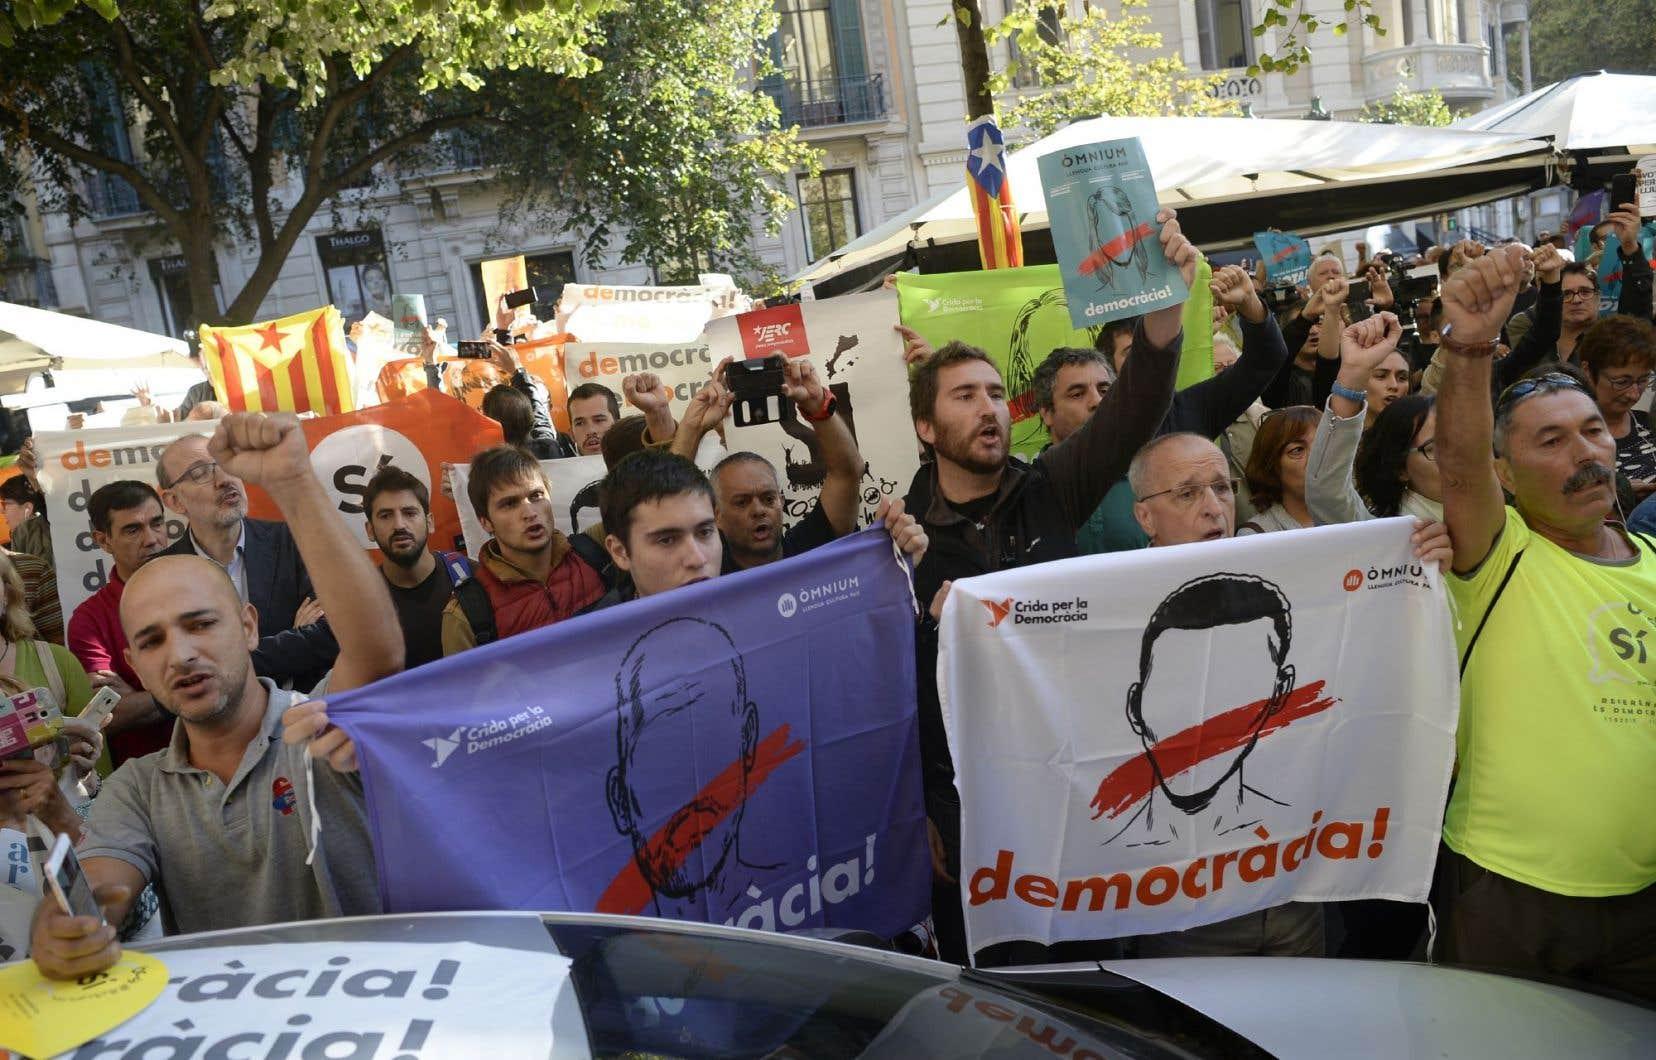 S'il appartient au peuple catalan de décider seul et en toute liberté de son avenir politique, nous devons être plusieurs à lui exprimer notre solidarité et à nous porter à la défense de la démocratie, estiment les auteurs.